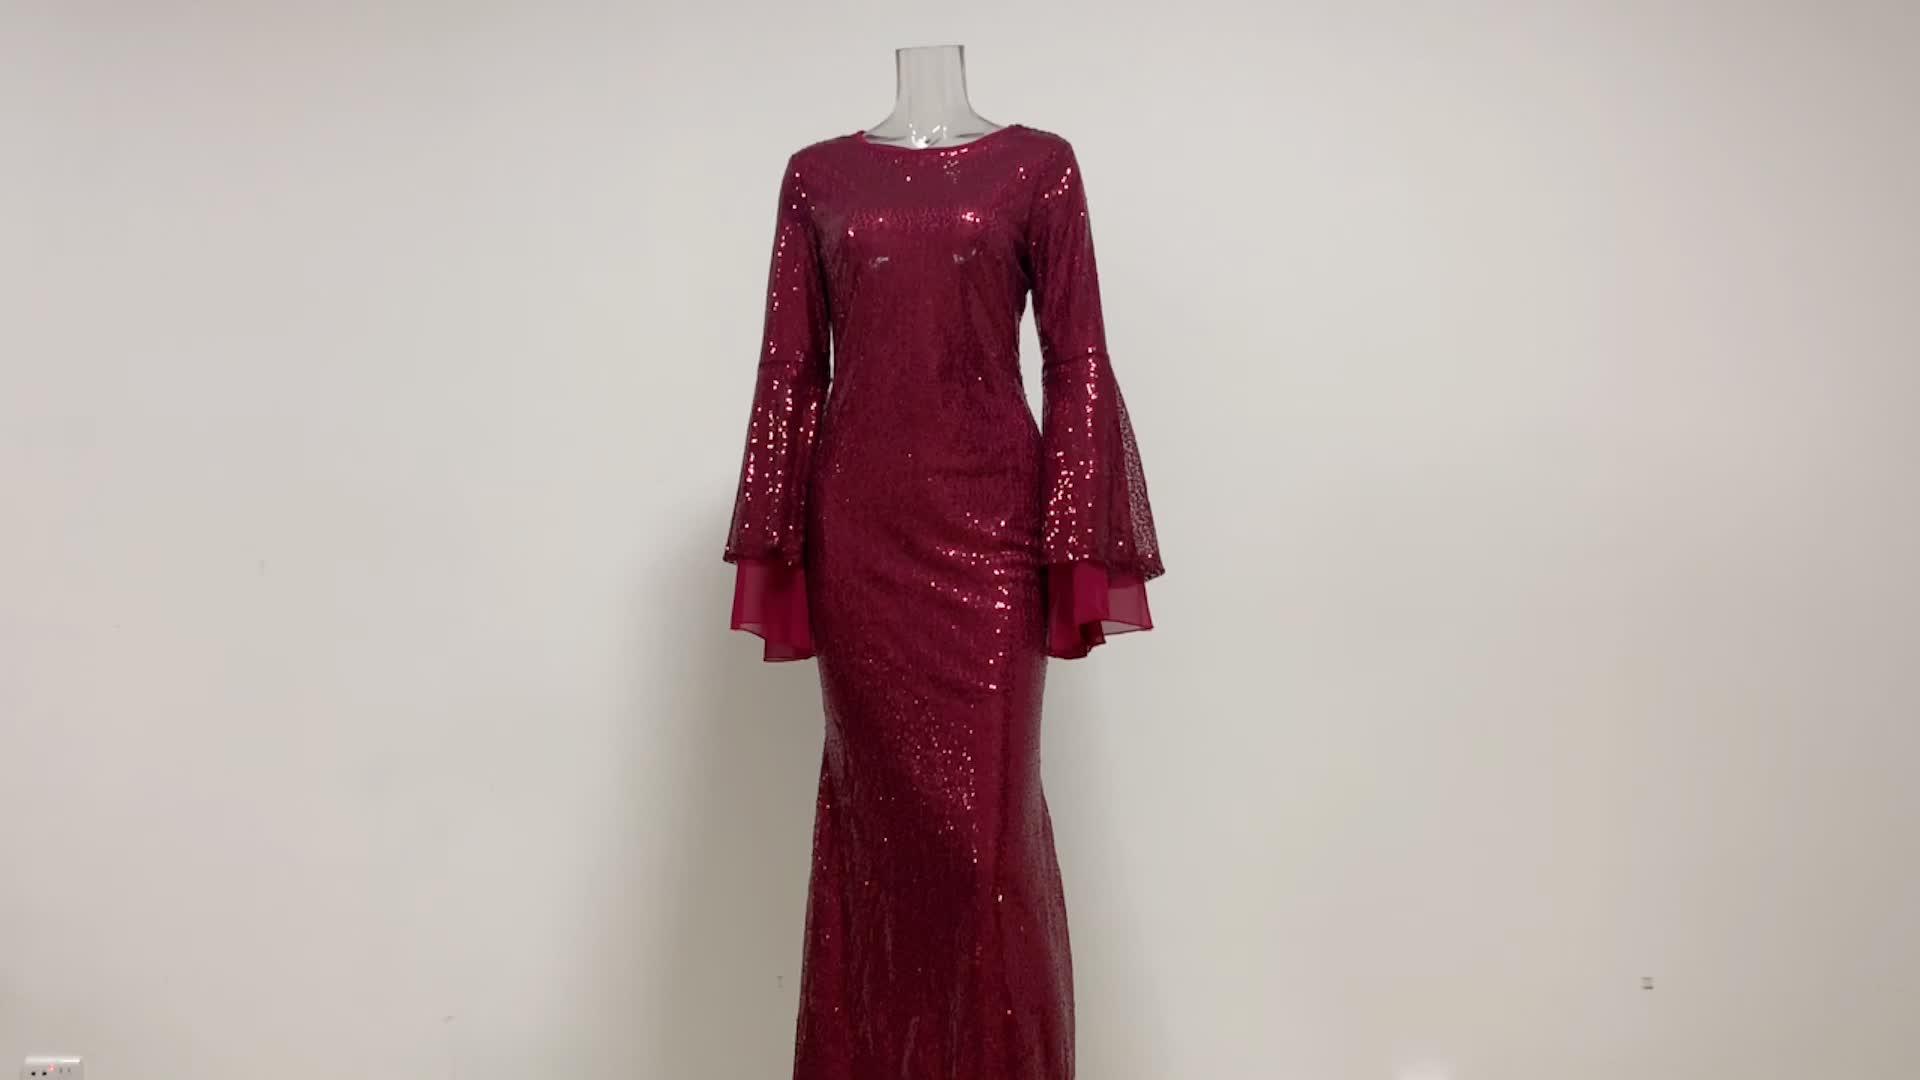 आधुनिक फैशन इस्लामी वस्त्र तुर्की शाम कपड़े शानदार sequined स्कर्ट abaya कफ्तान मुस्लिम पोशाक इस्लामी कपड़े